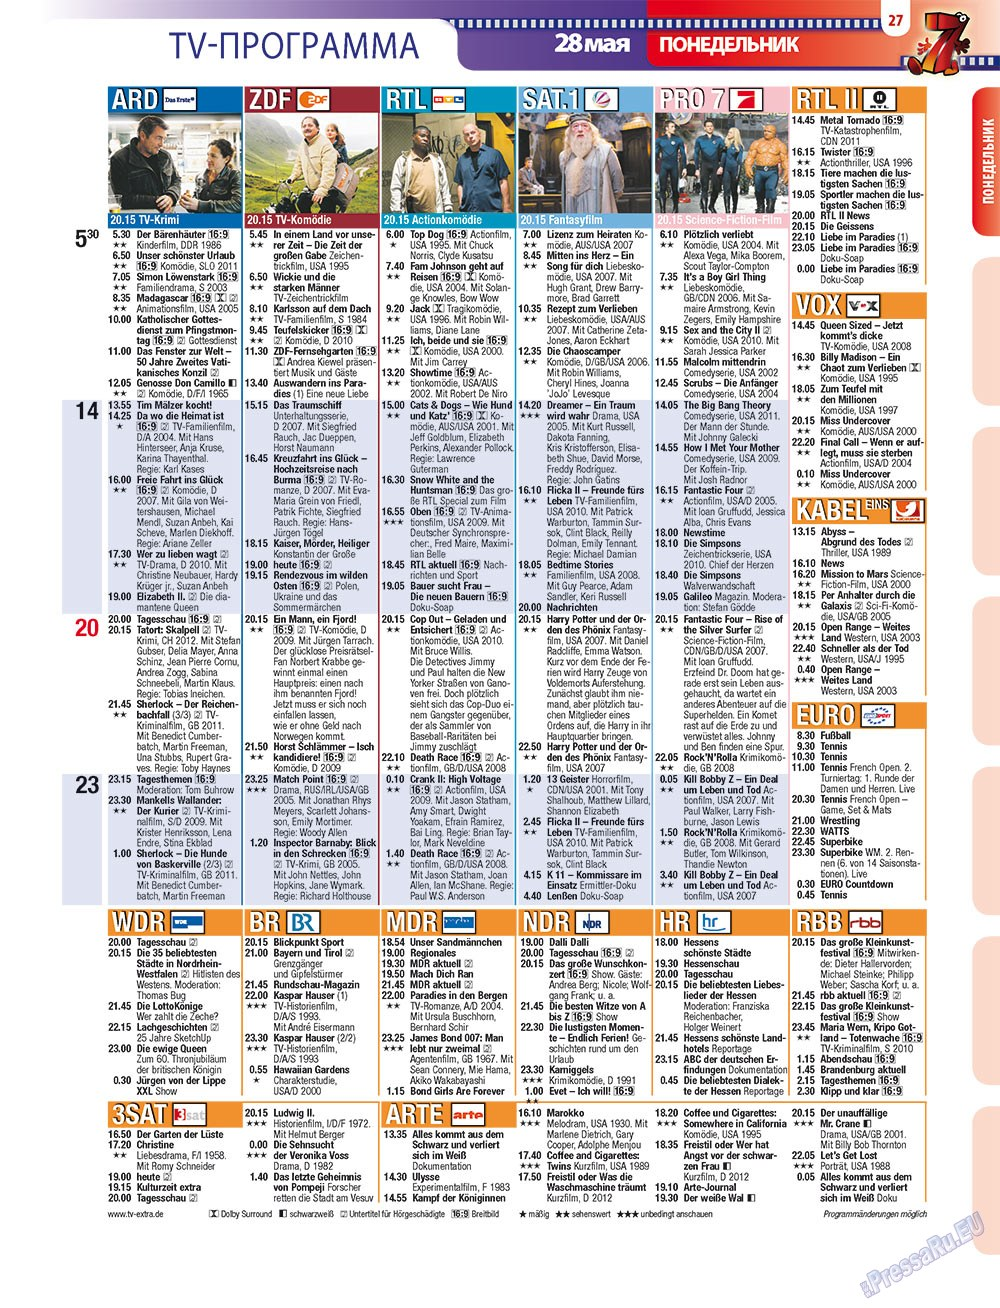 телепрограмма на 29 мая 2017